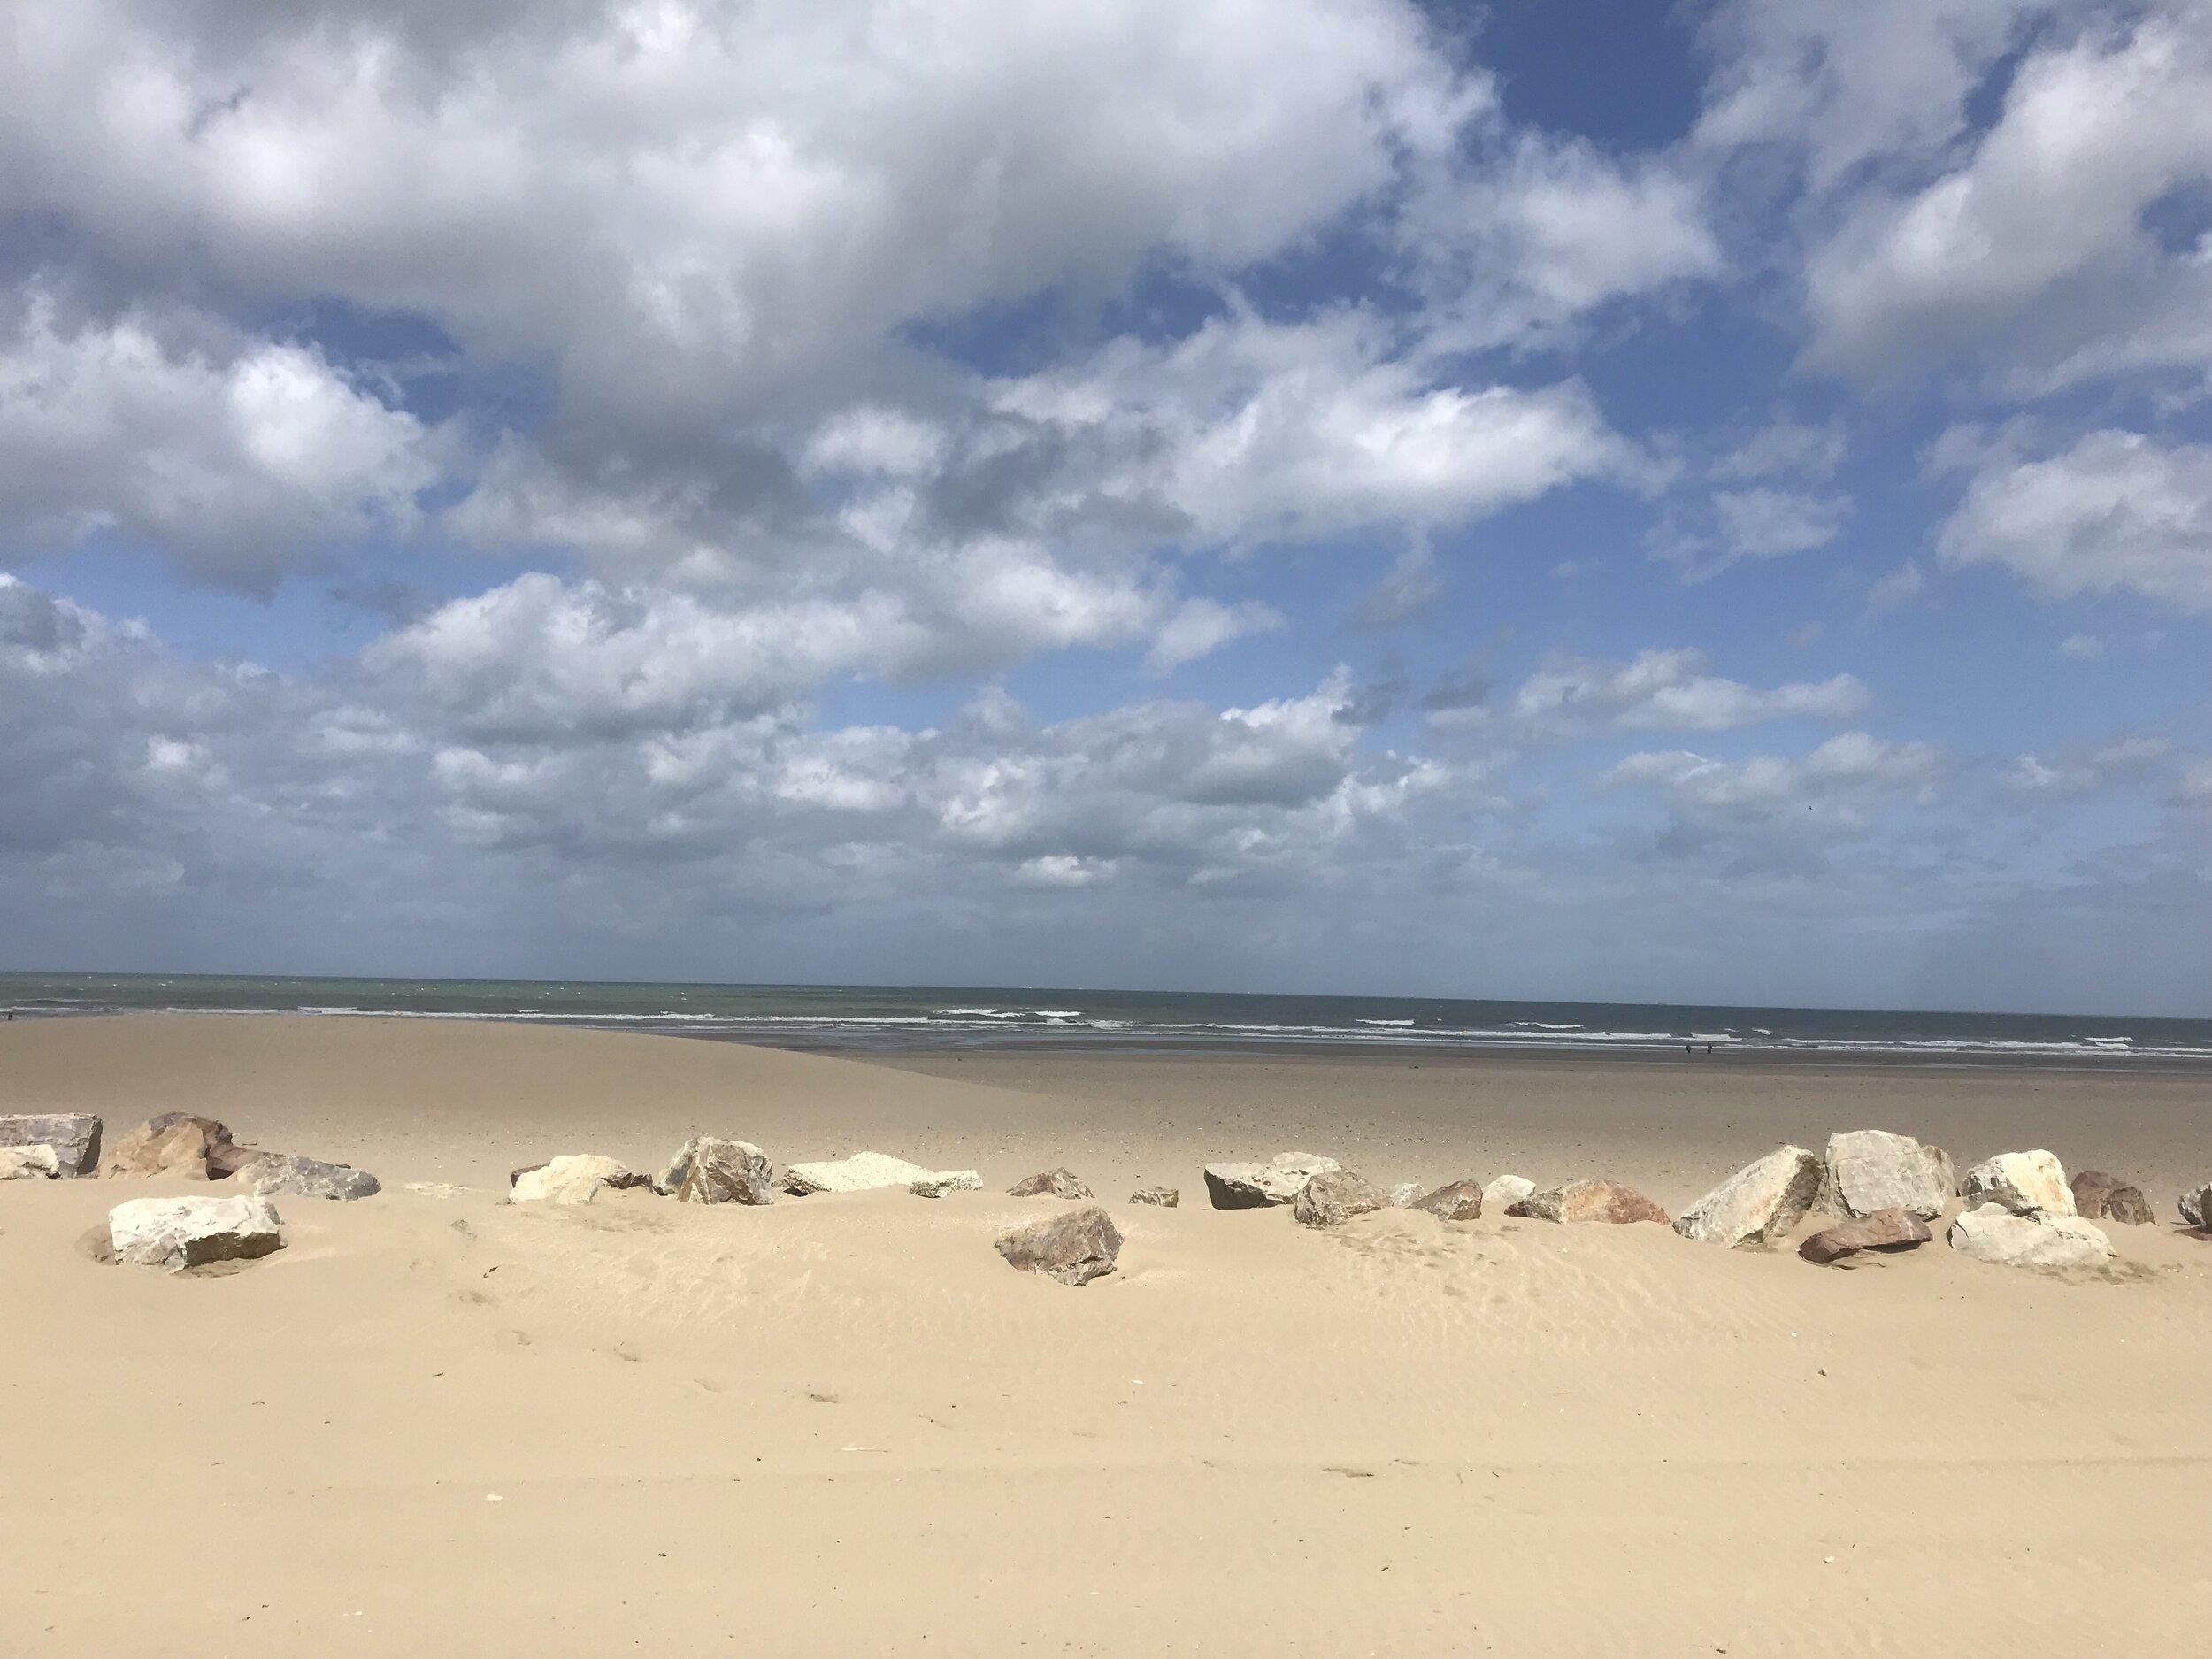 La spiaggia e il mare dal lungomare di Deauville